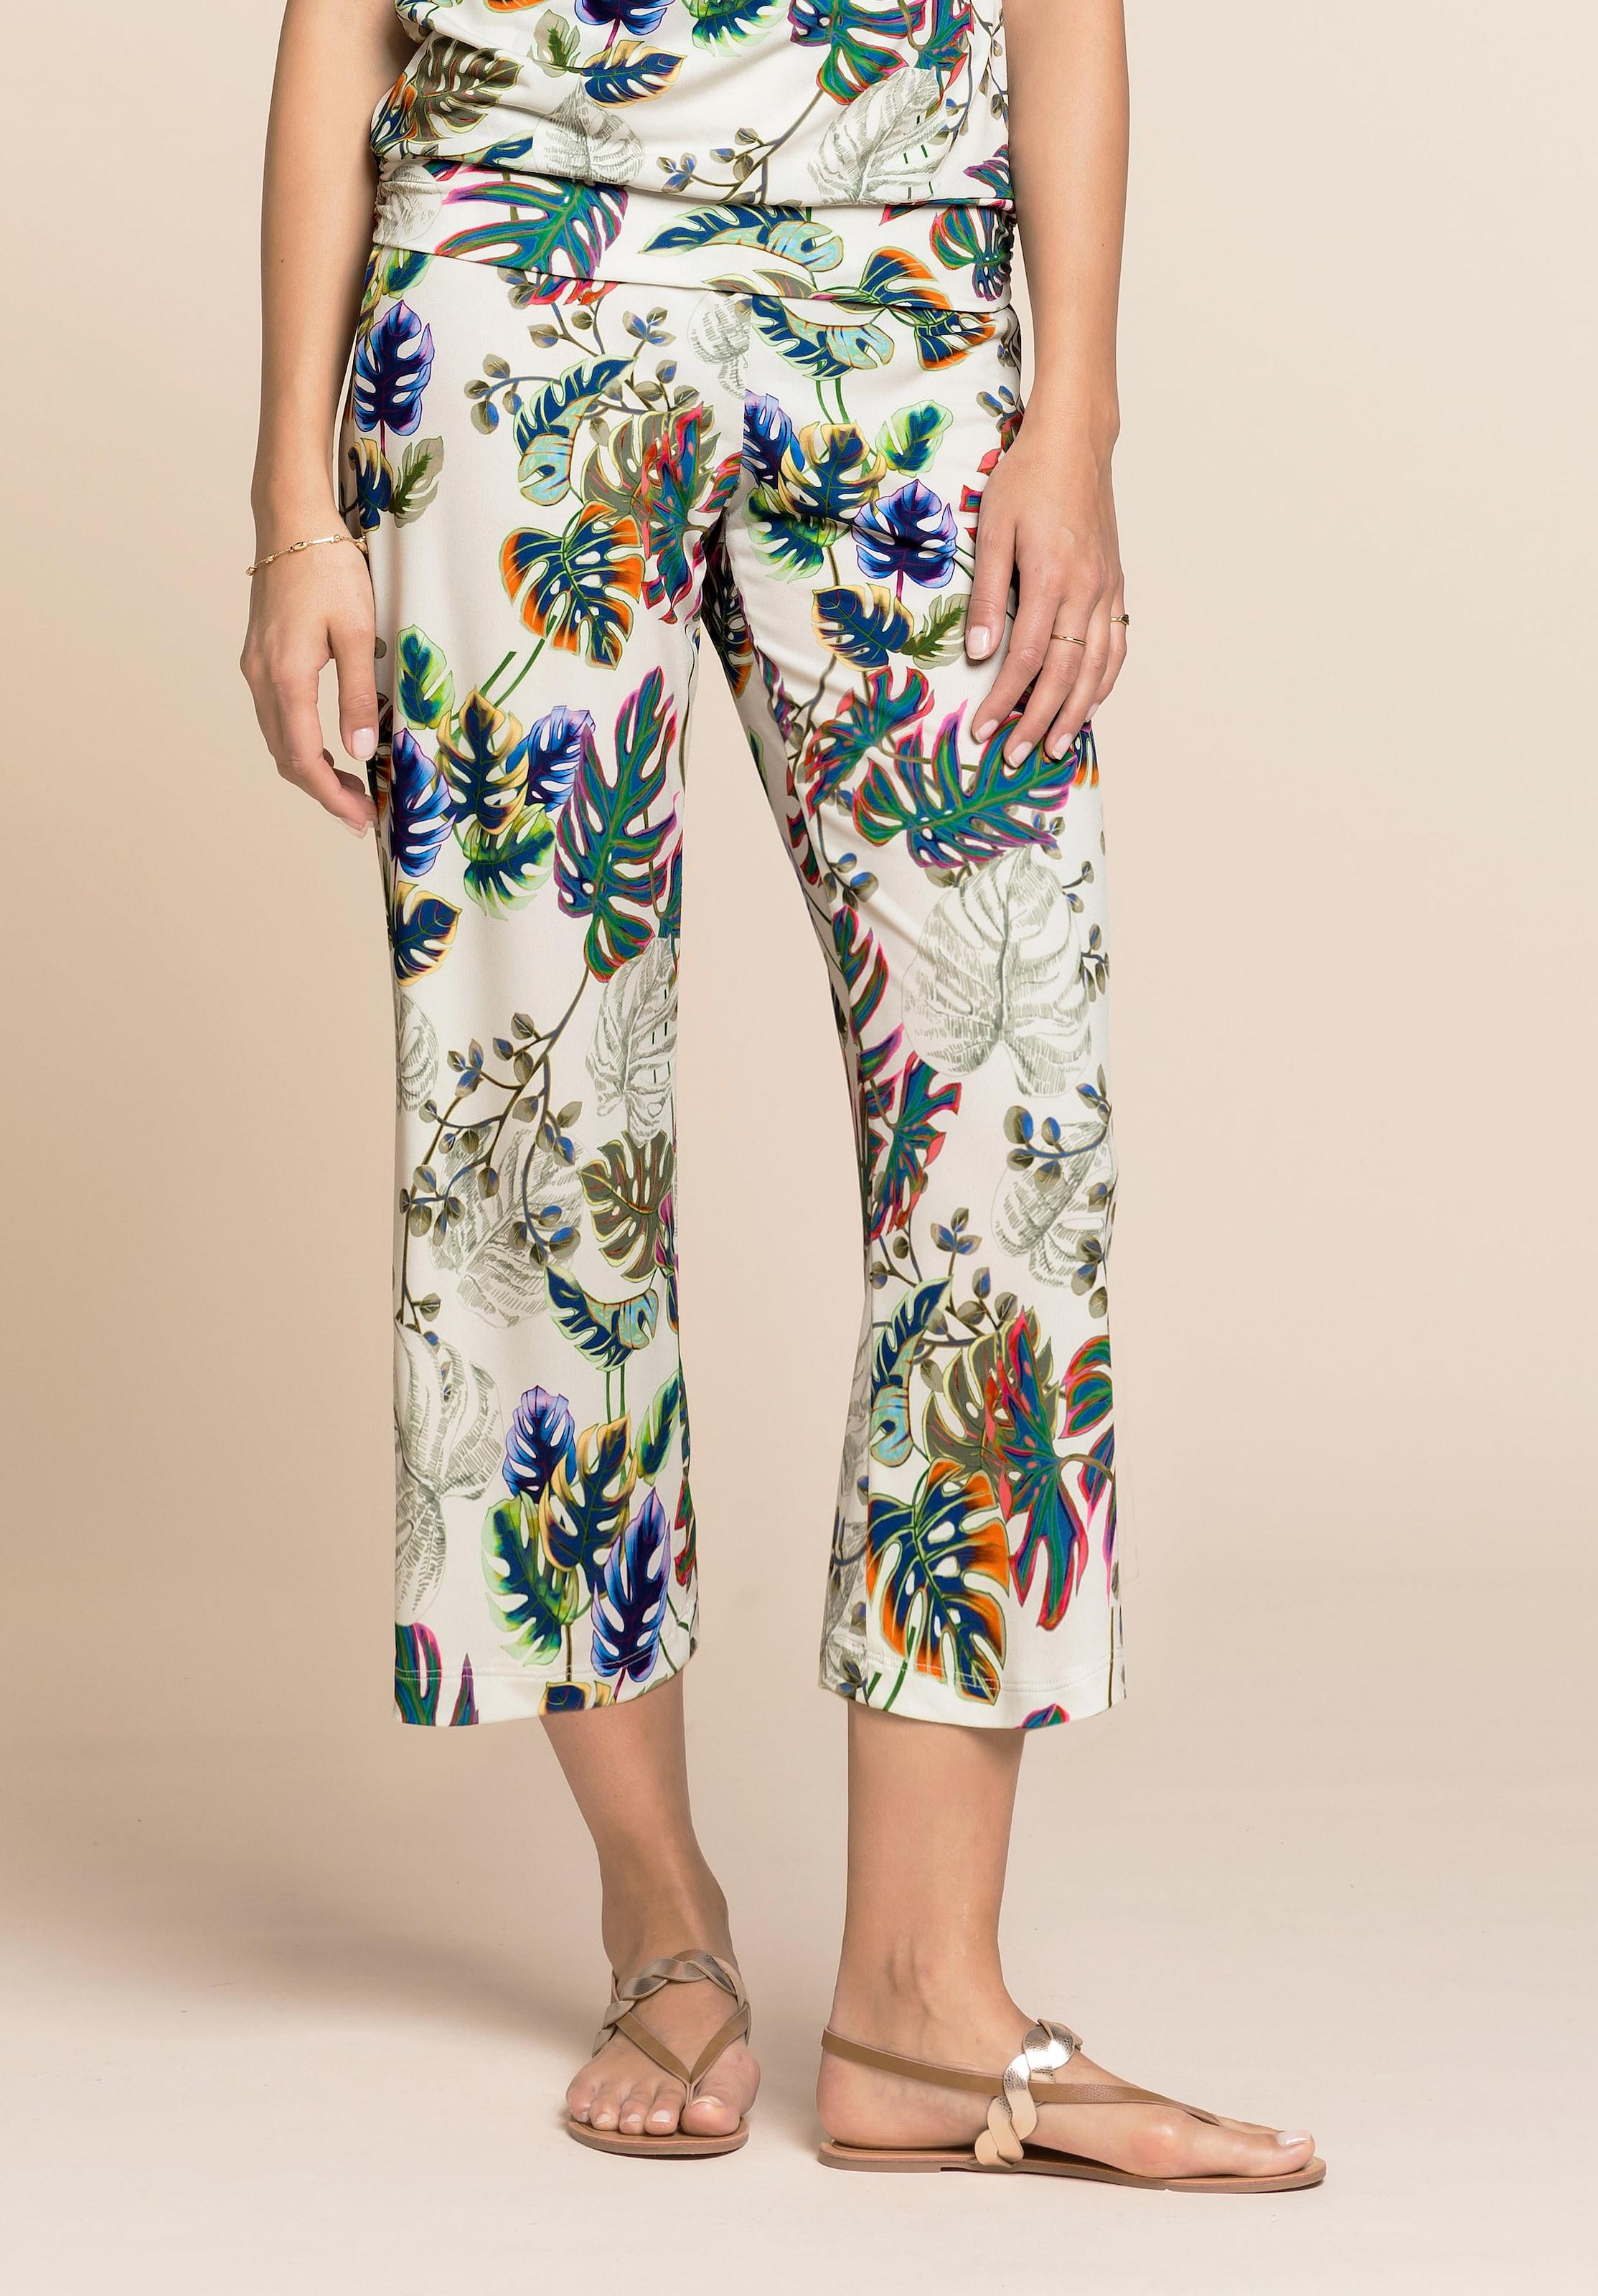 bianca culotte parigi aufregender Print im Jungle Style, tolle, kräftige Farben